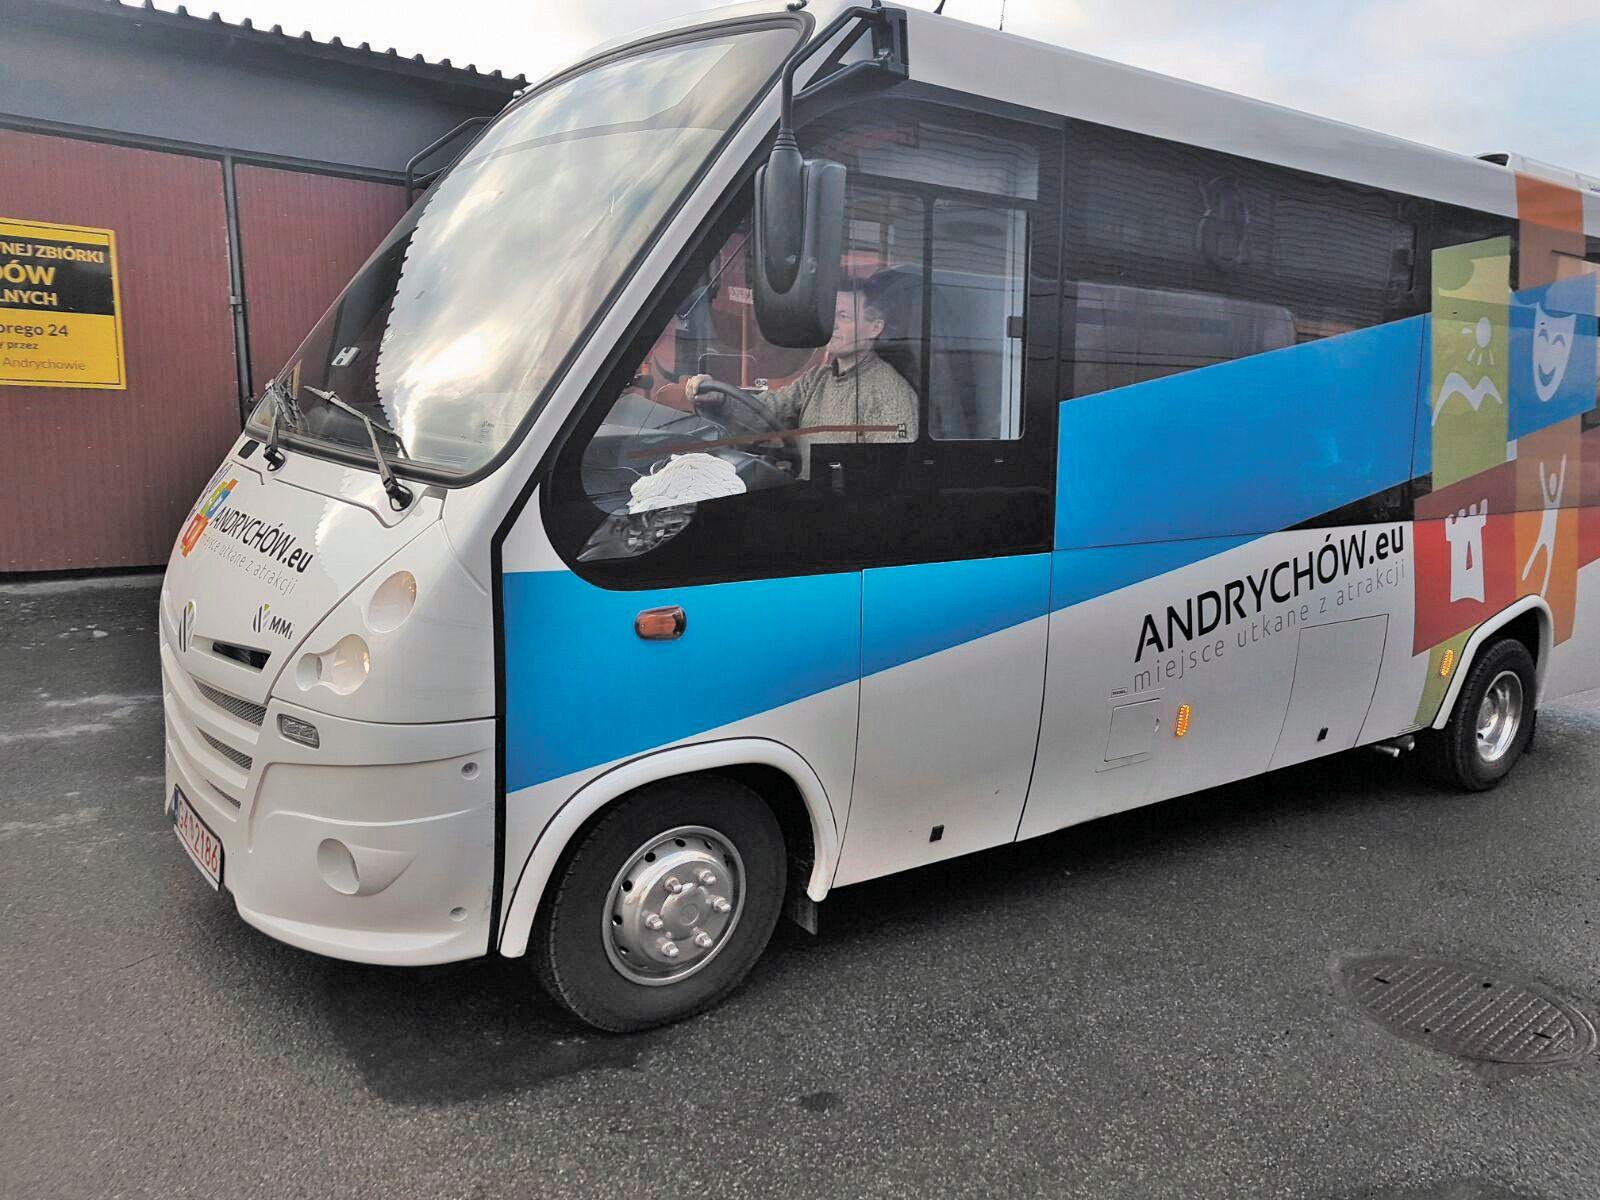 Marszałek przyjedzie do Andrychowa przejechać się nowym autobusem